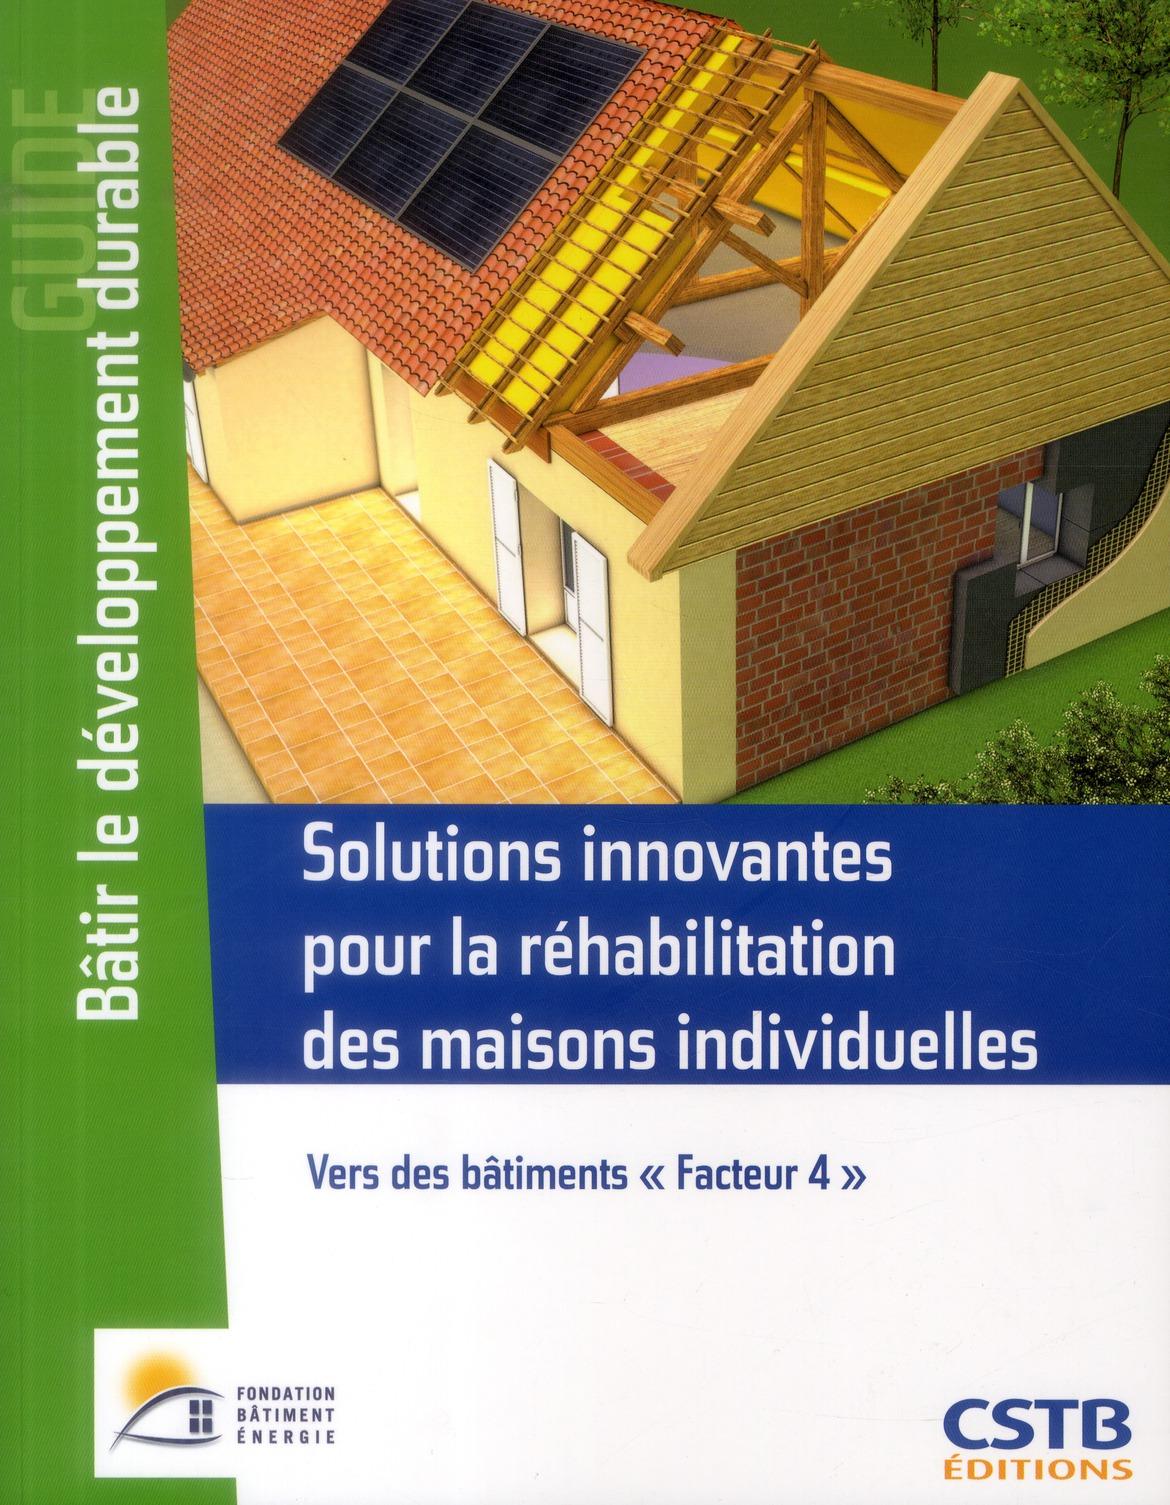 Ssolutions innovantes pour la réhabilitation des maisons individuelles ; vers des bâtiments facteu 4